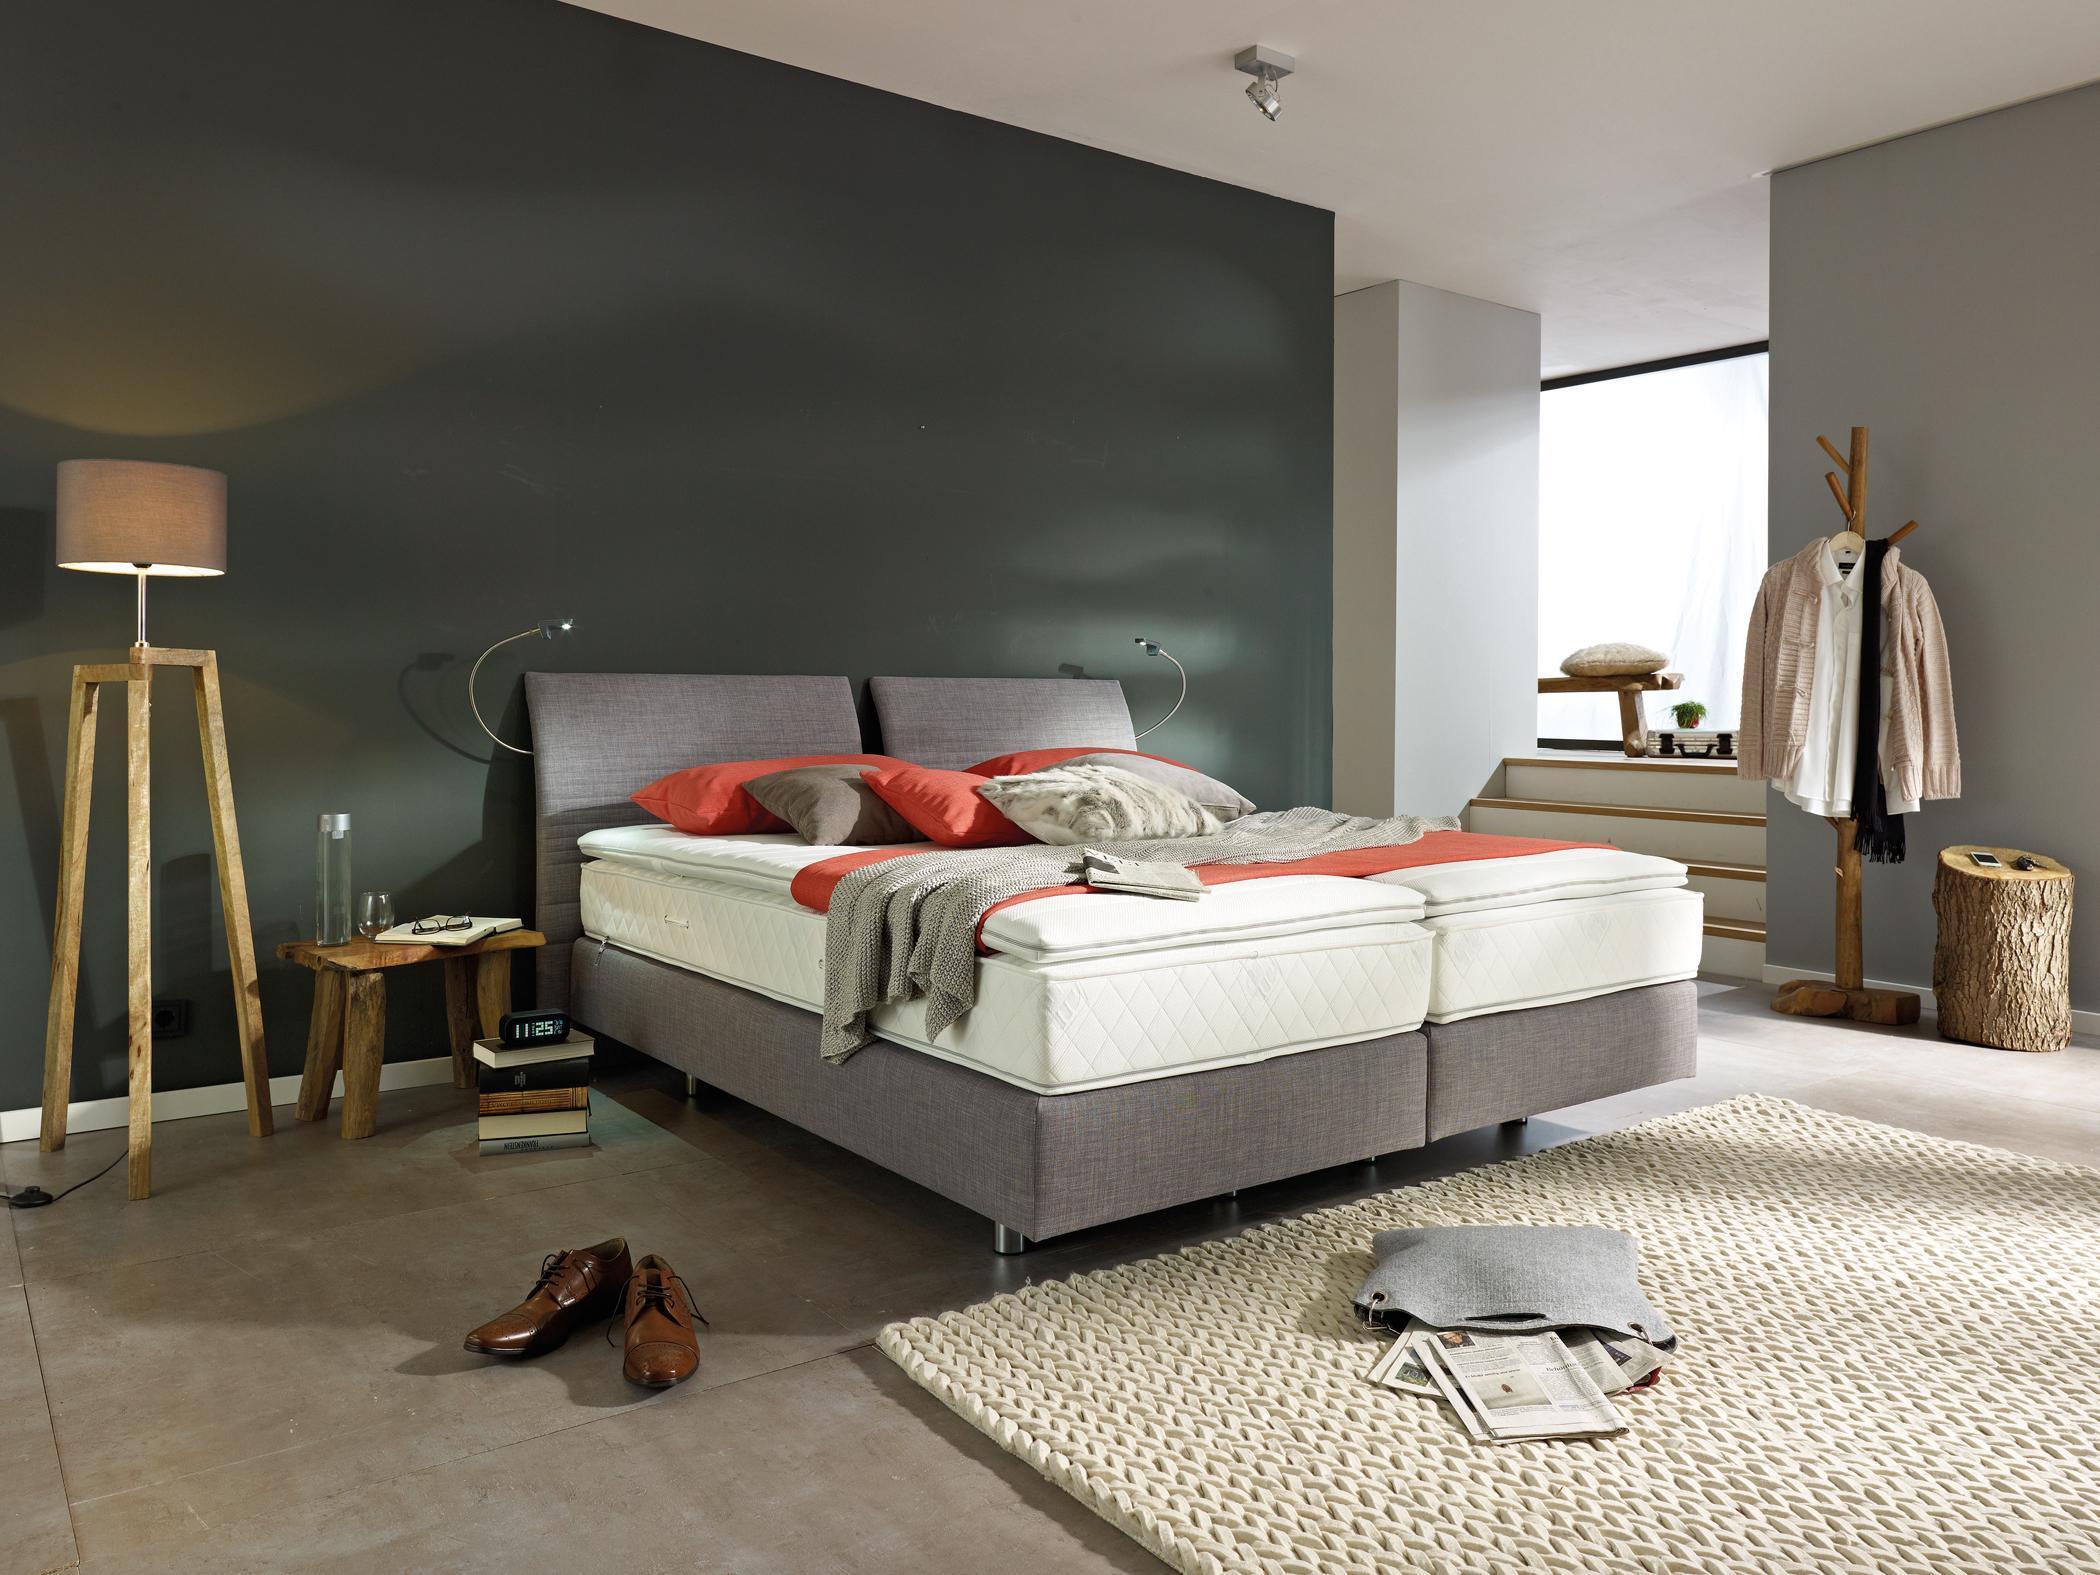 garderobe aus holz bilder ideen couchstyle. Black Bedroom Furniture Sets. Home Design Ideas